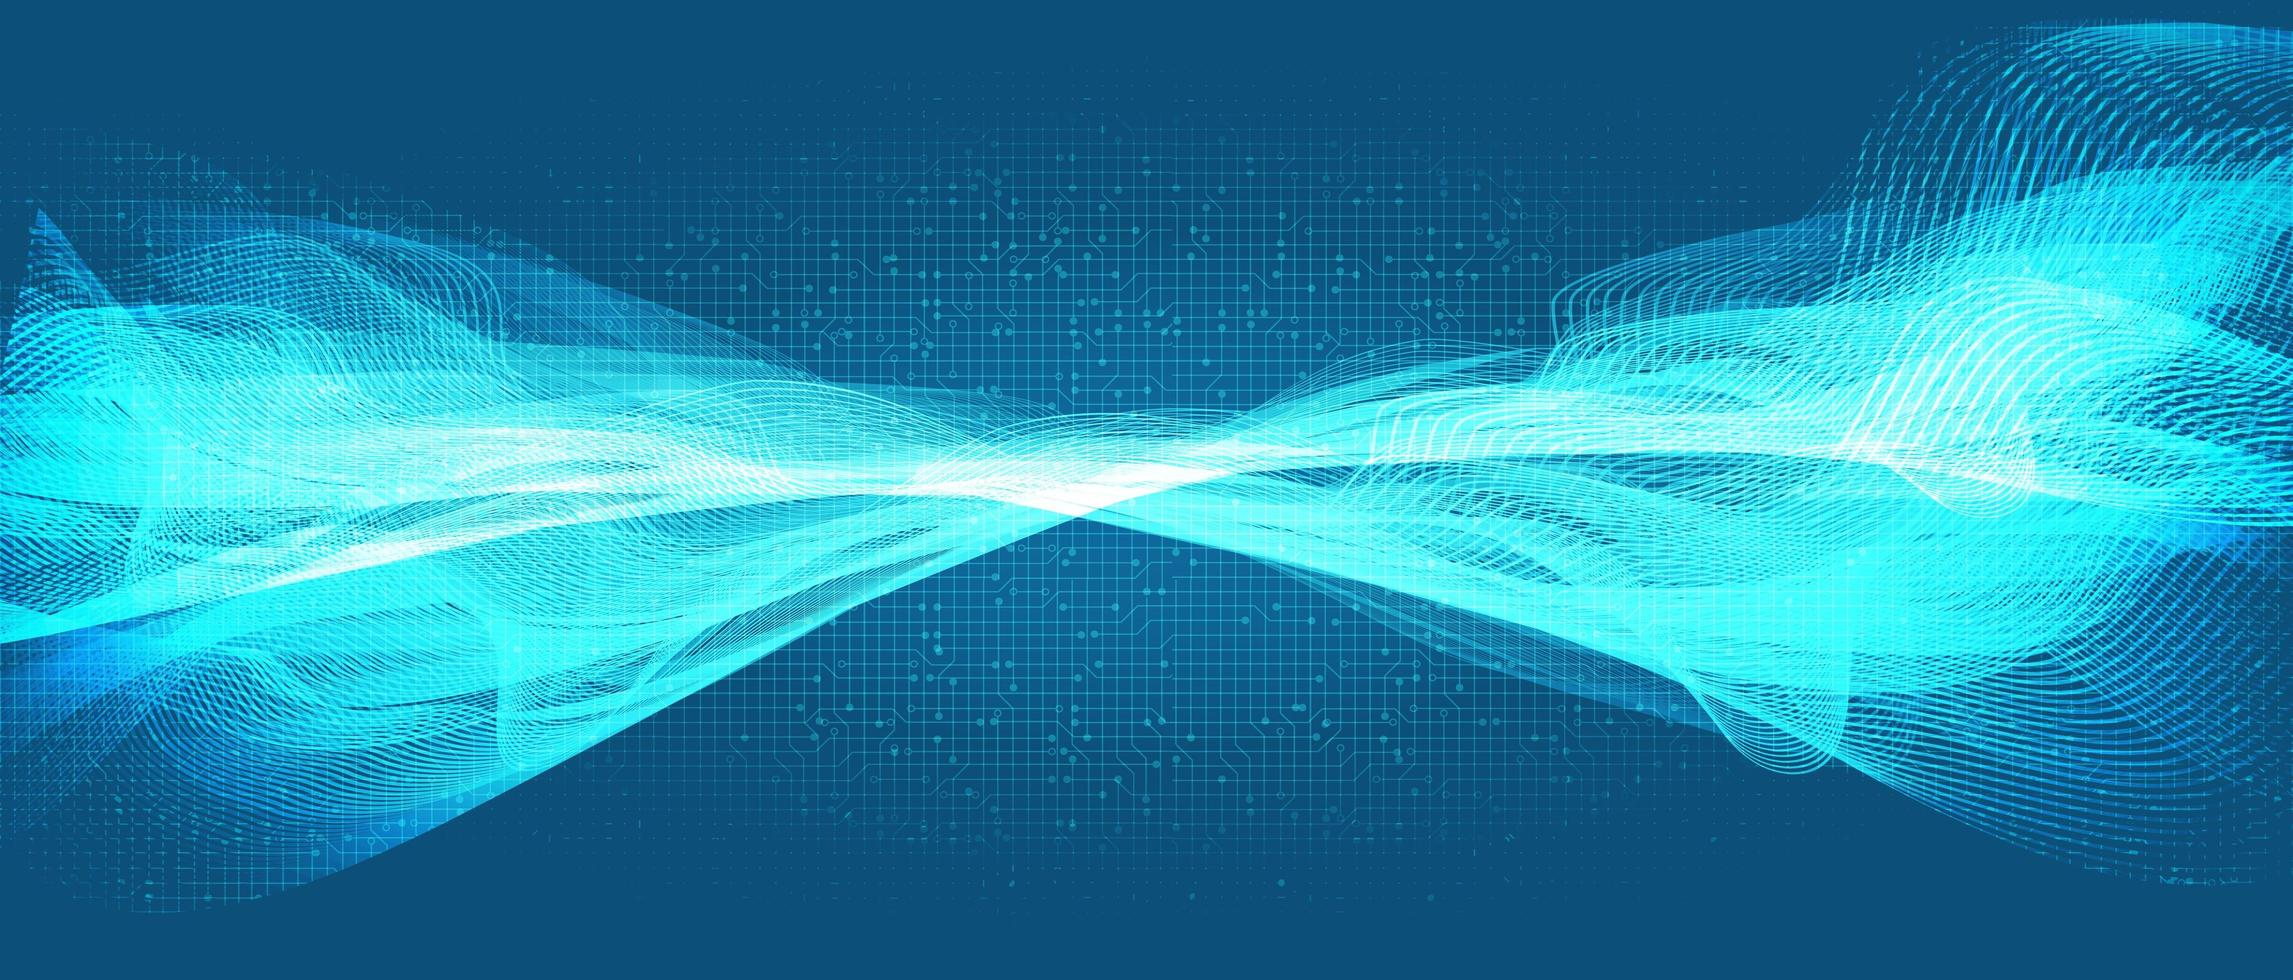 modern ljudvågsteknik och jordbävningsvåg- och vinkningskoncept, design för musikstudio och vetenskap, vektorillustration. vektor